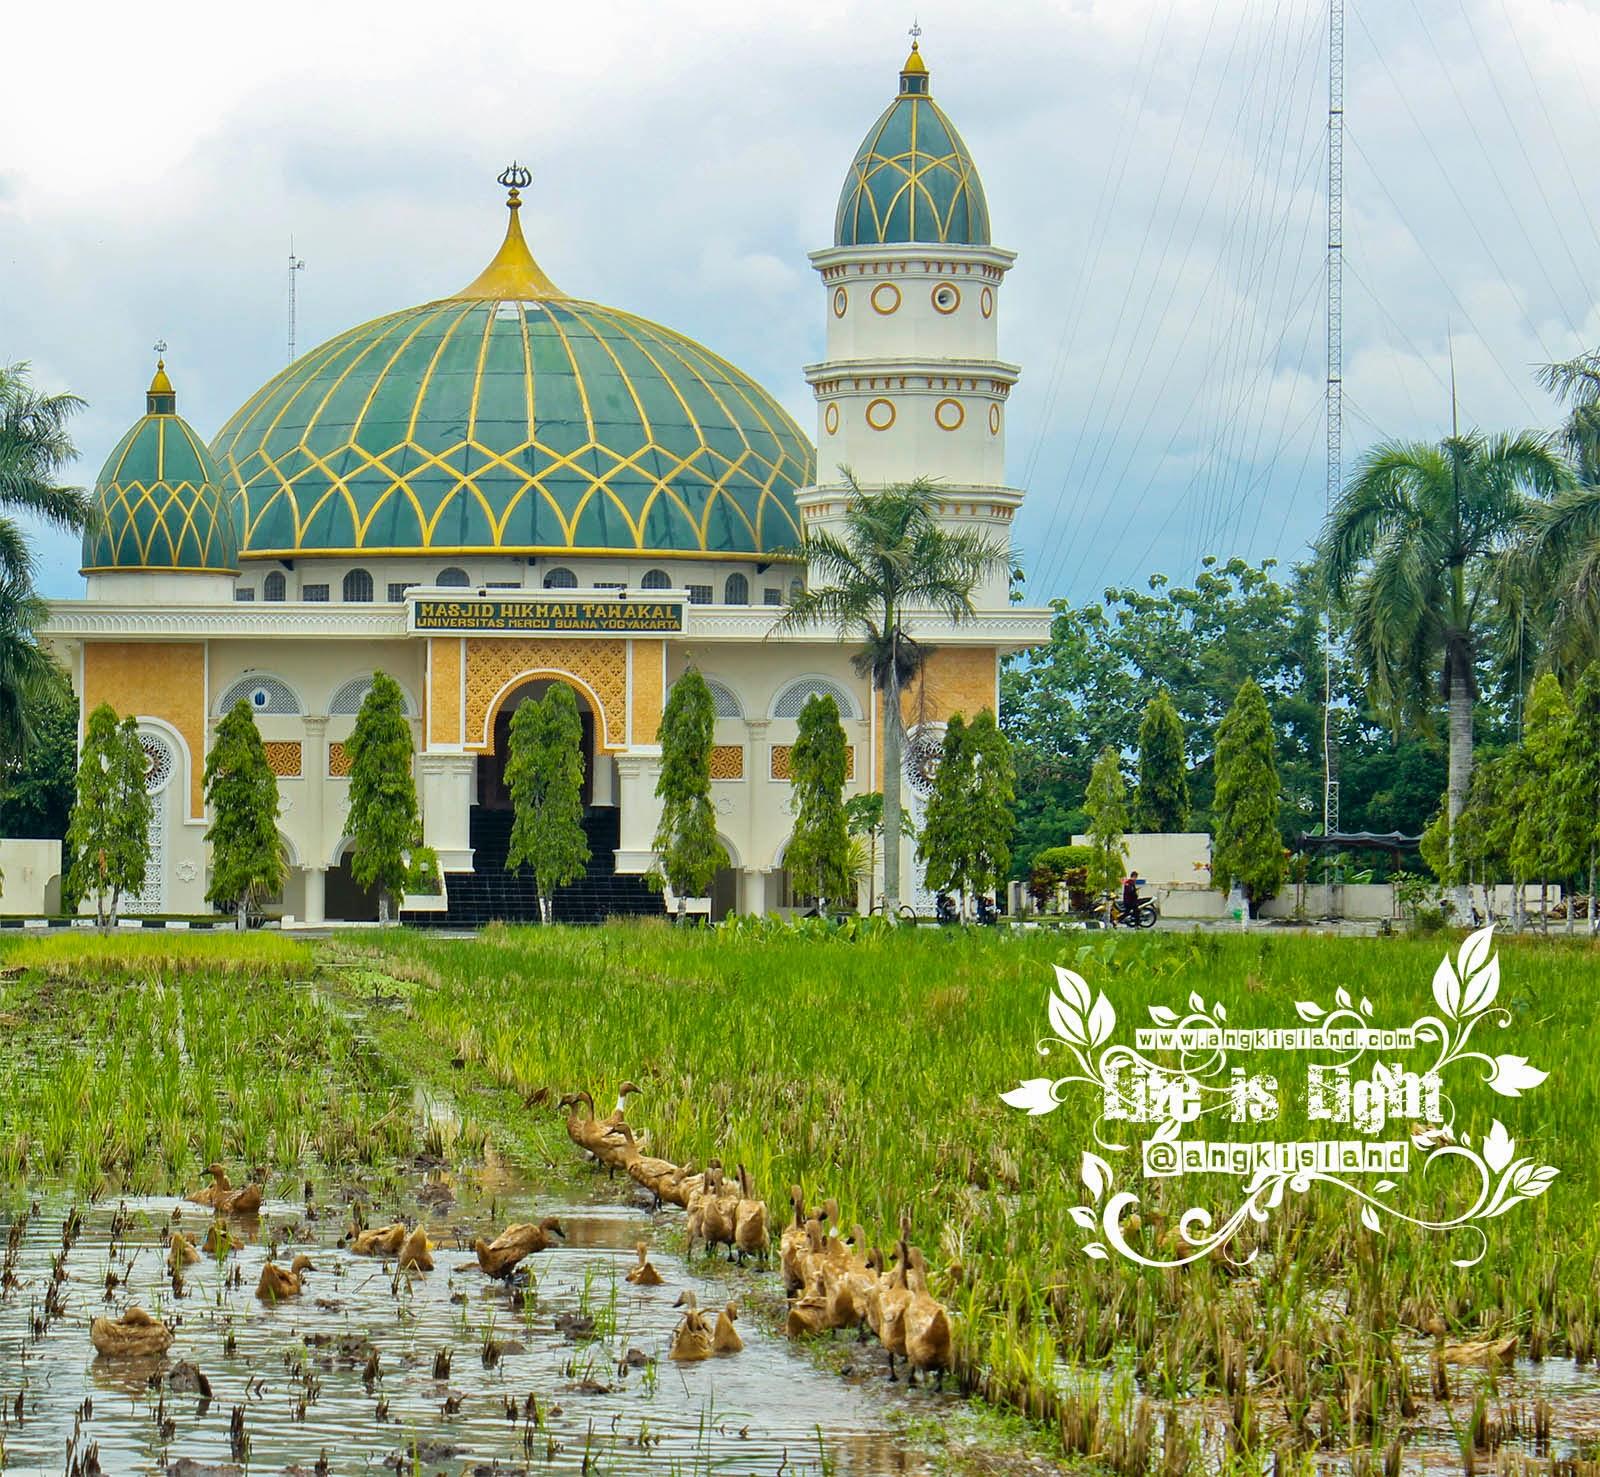 Masjid Hikmah Tawakal Sedayu